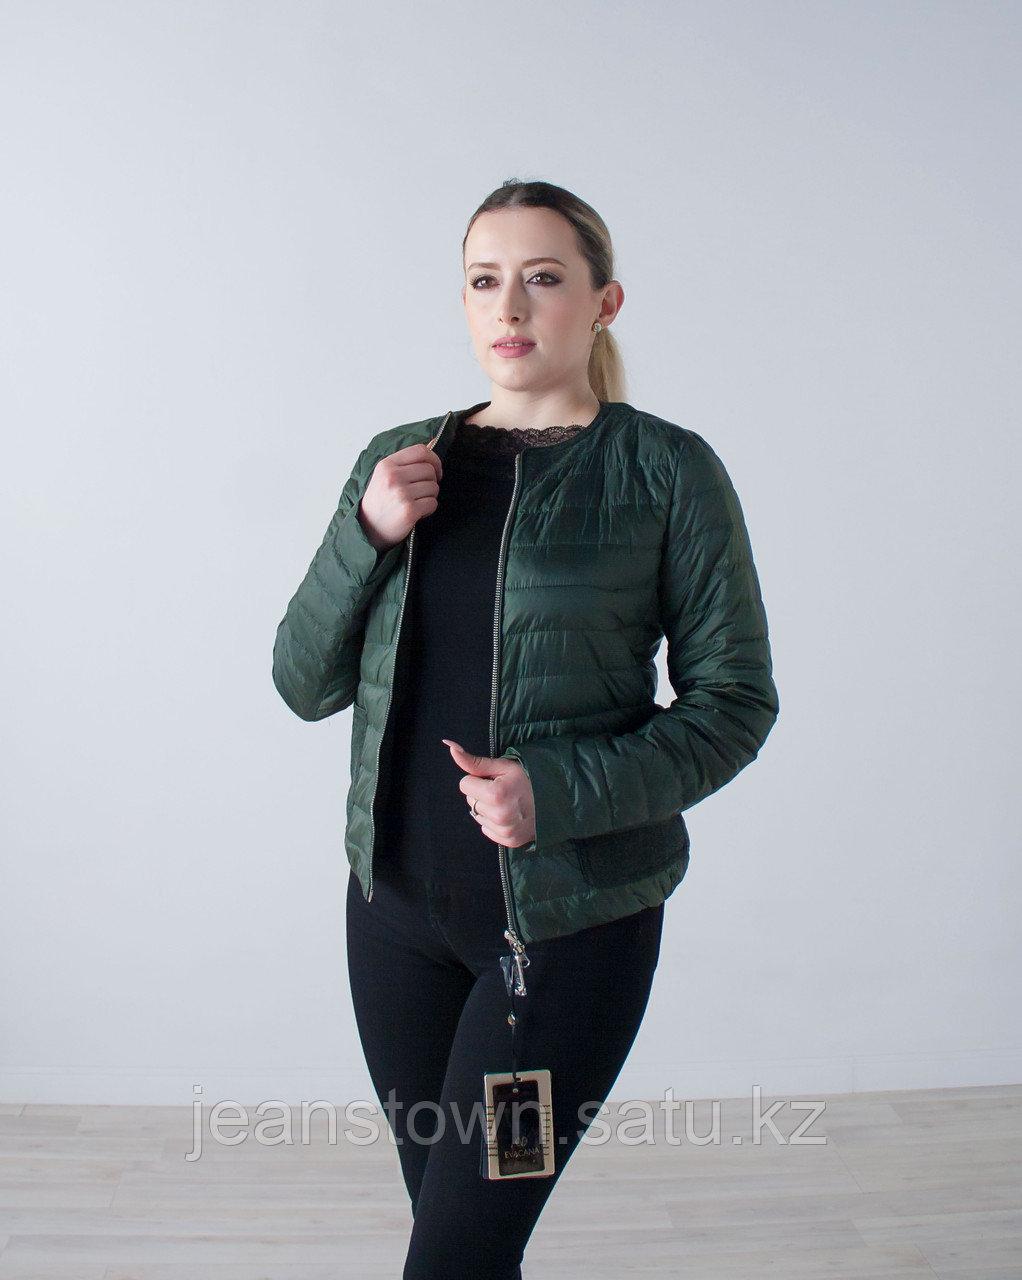 Куртка женская демисезонная  Evacana зеленая